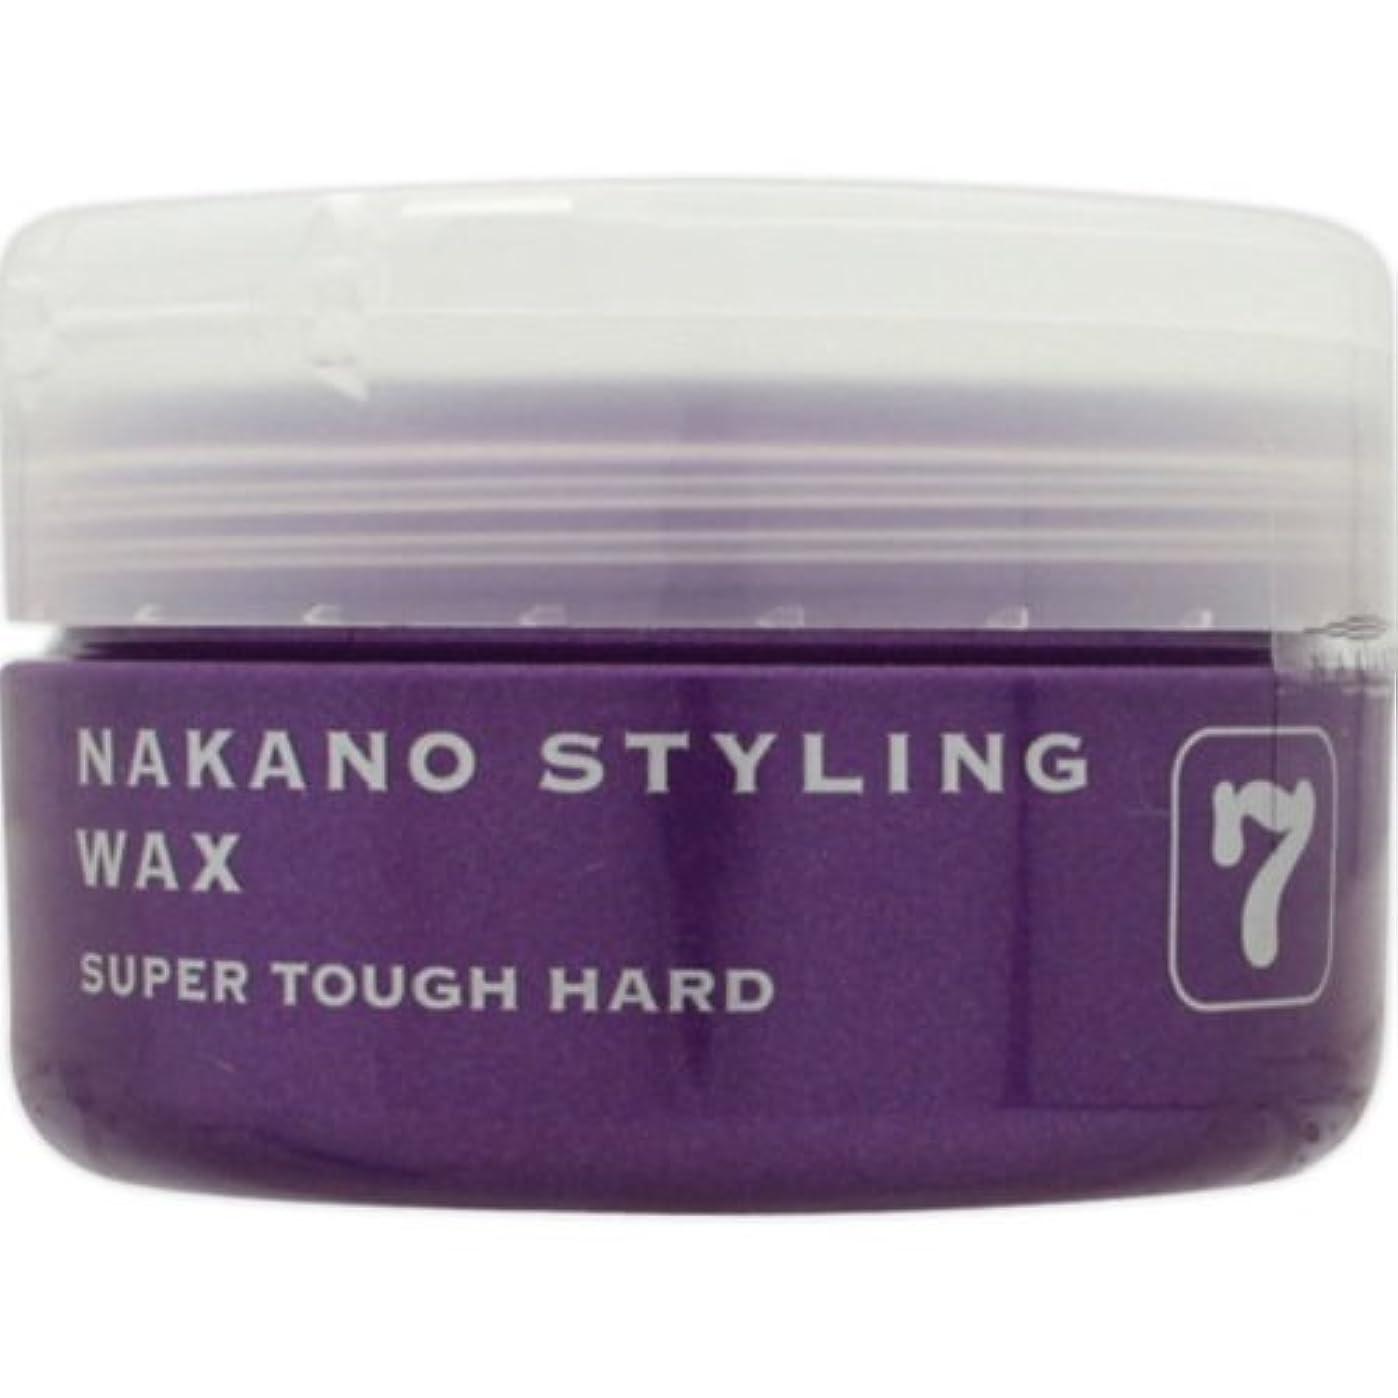 プロフェッショナル市場ギャング【ナカノ】スタイリング ワックス 7 スーパータフハード 90g